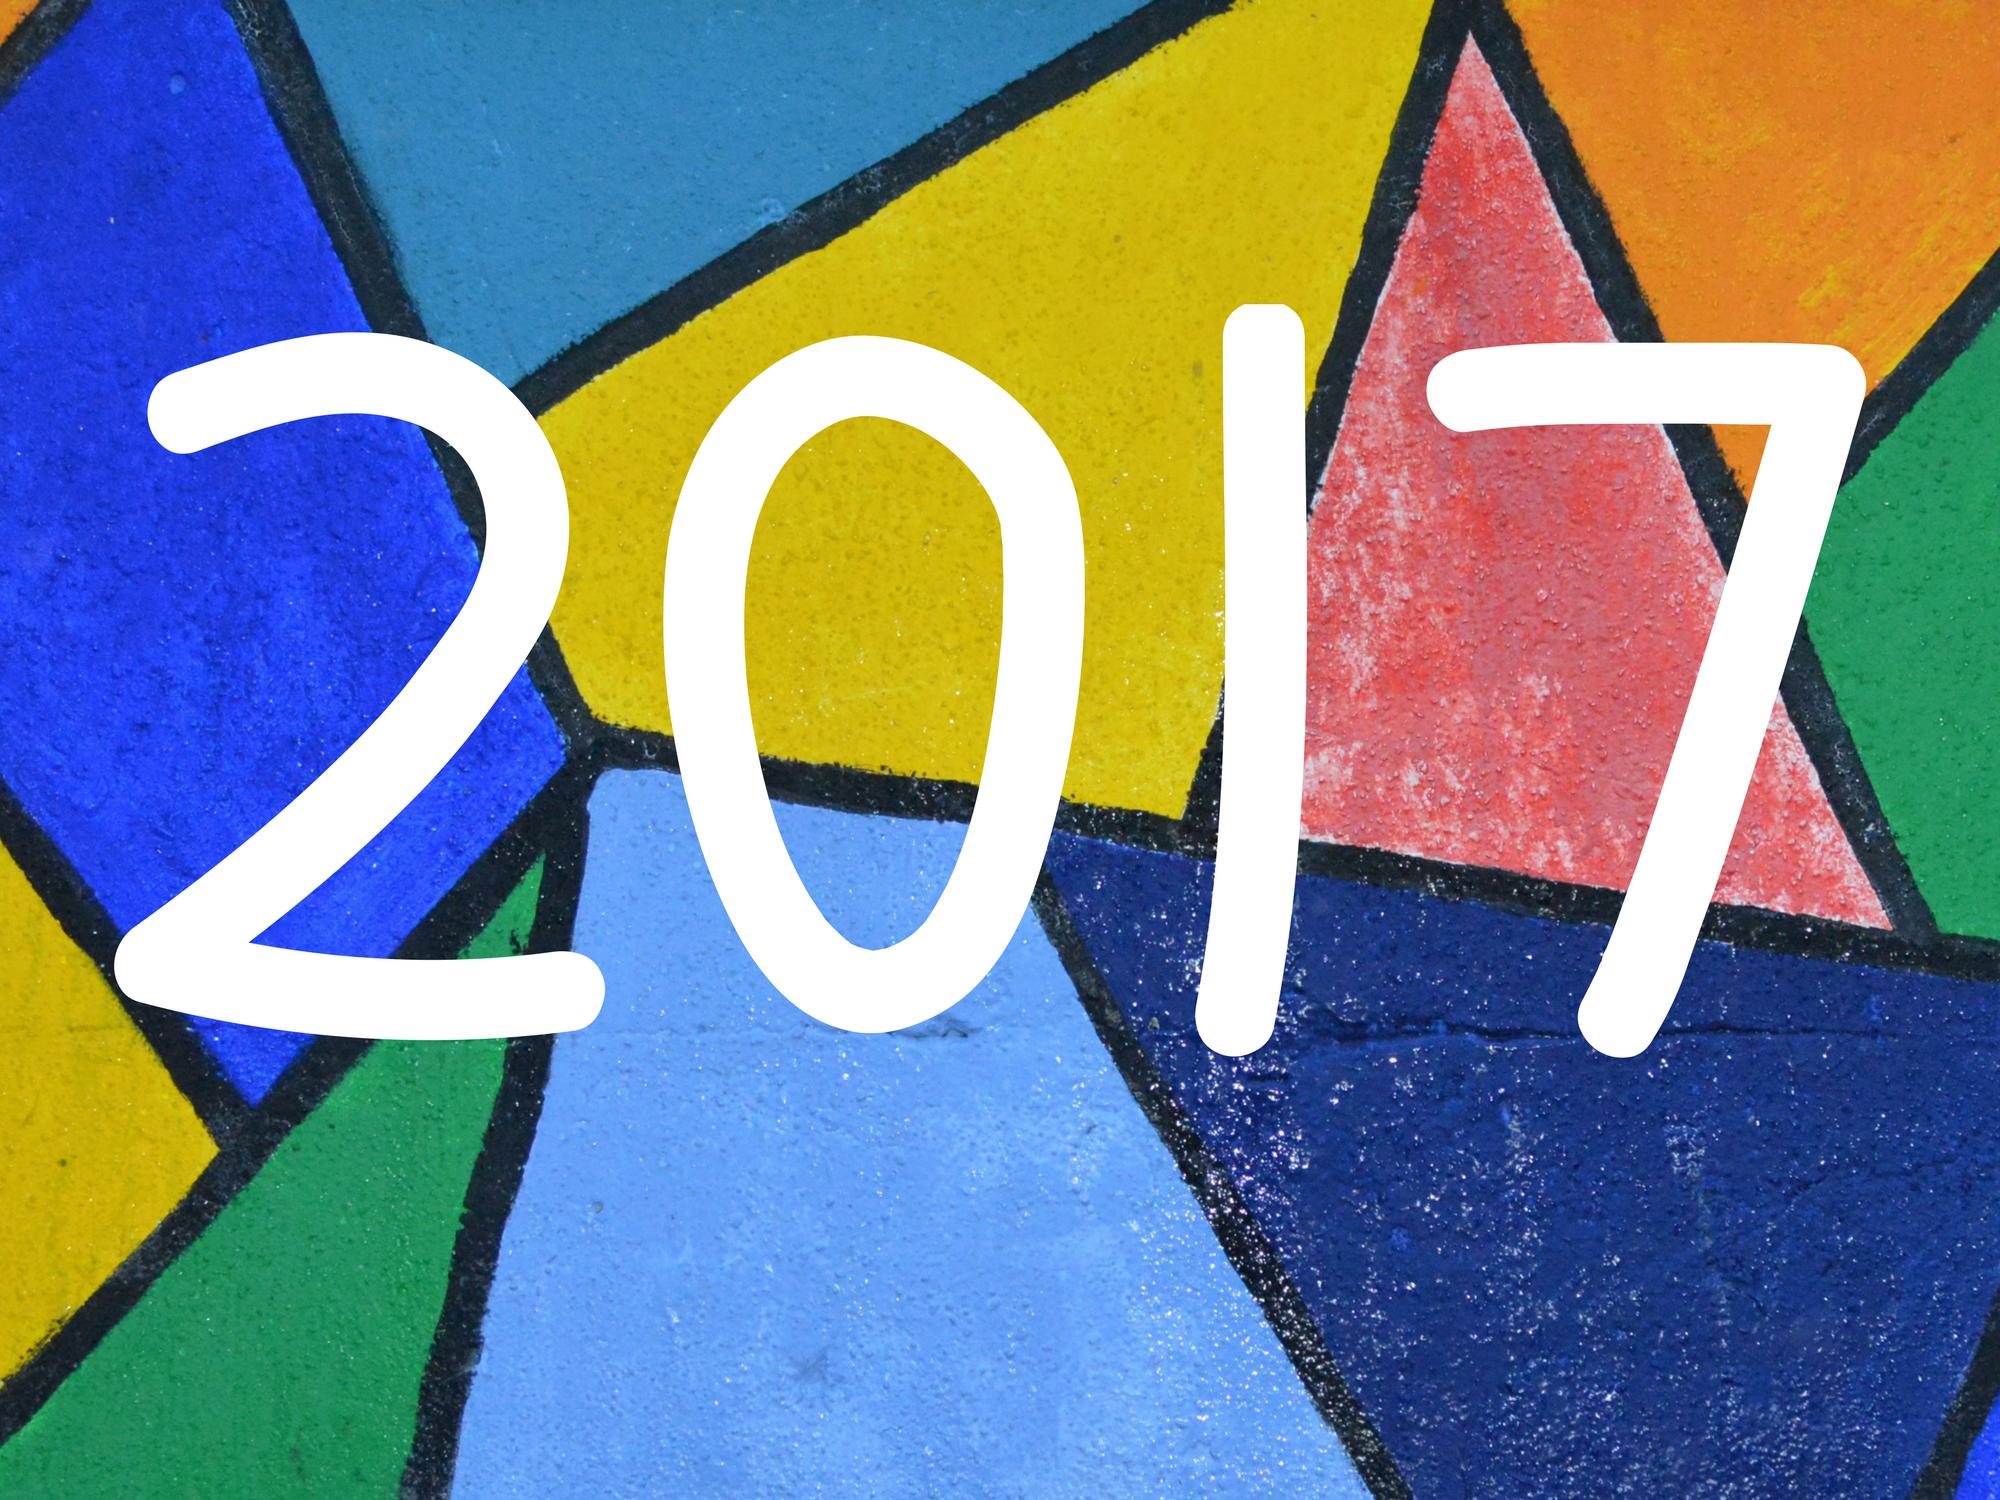 blogowe podsumowanie 2017 roku m kreuje